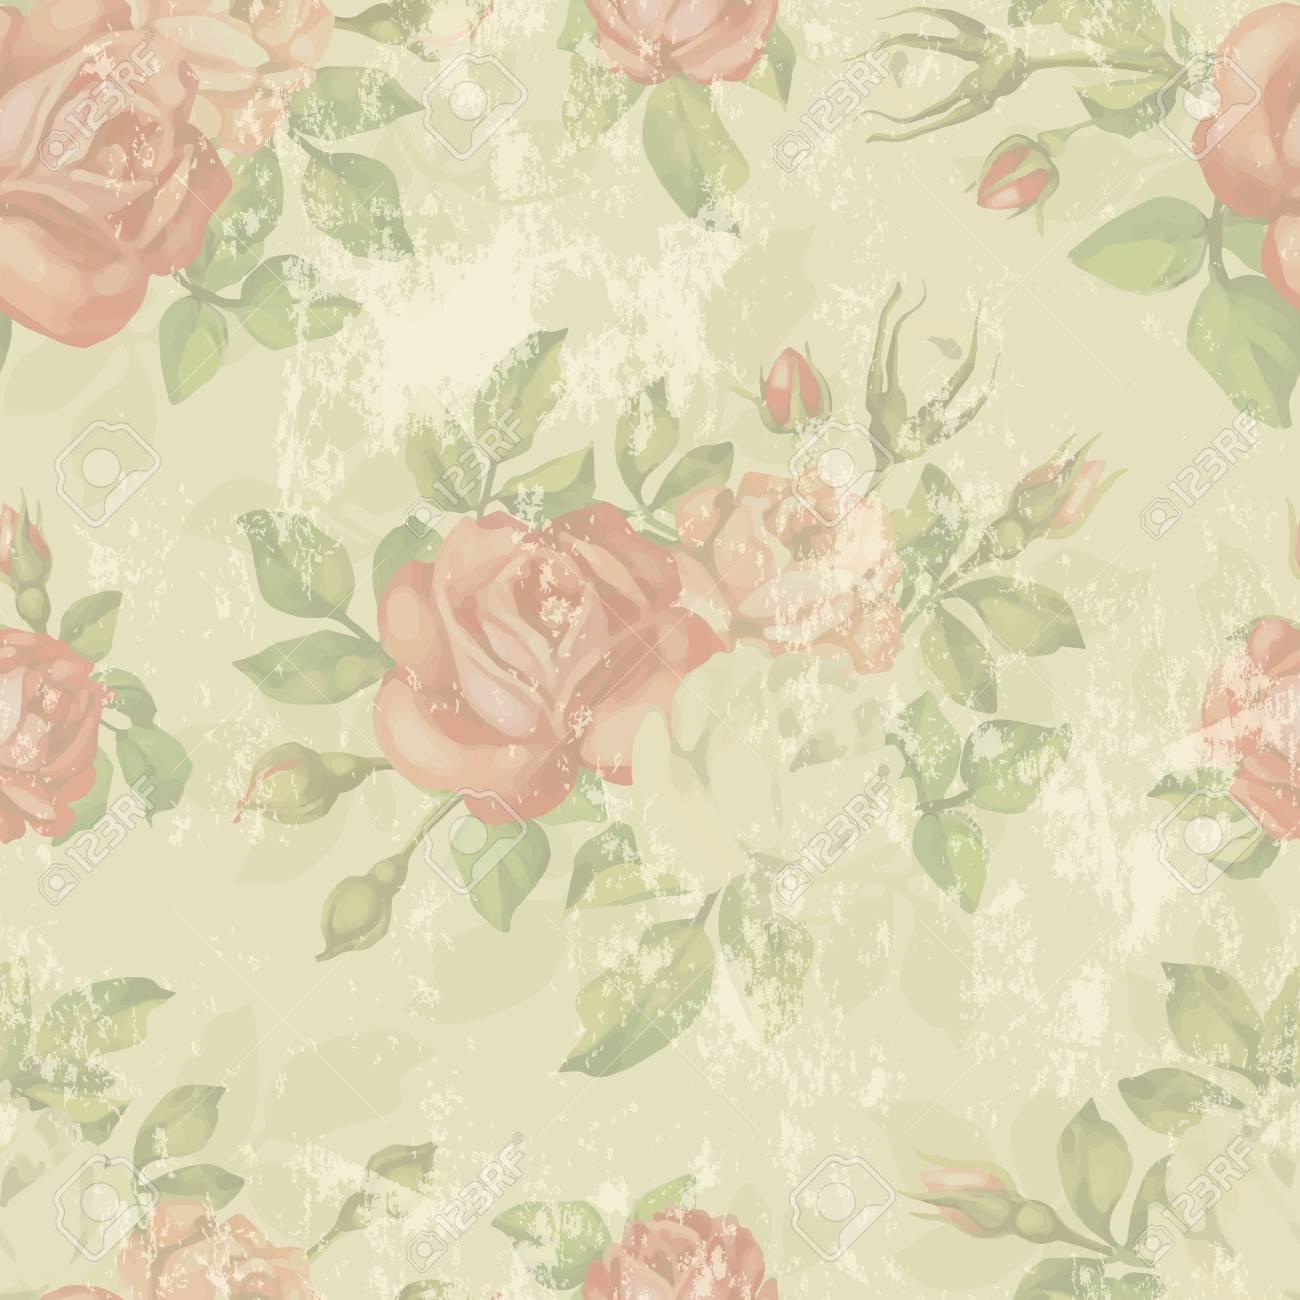 Vettoriale Vintage Senza Soluzione Di Continuità Con Le Rose